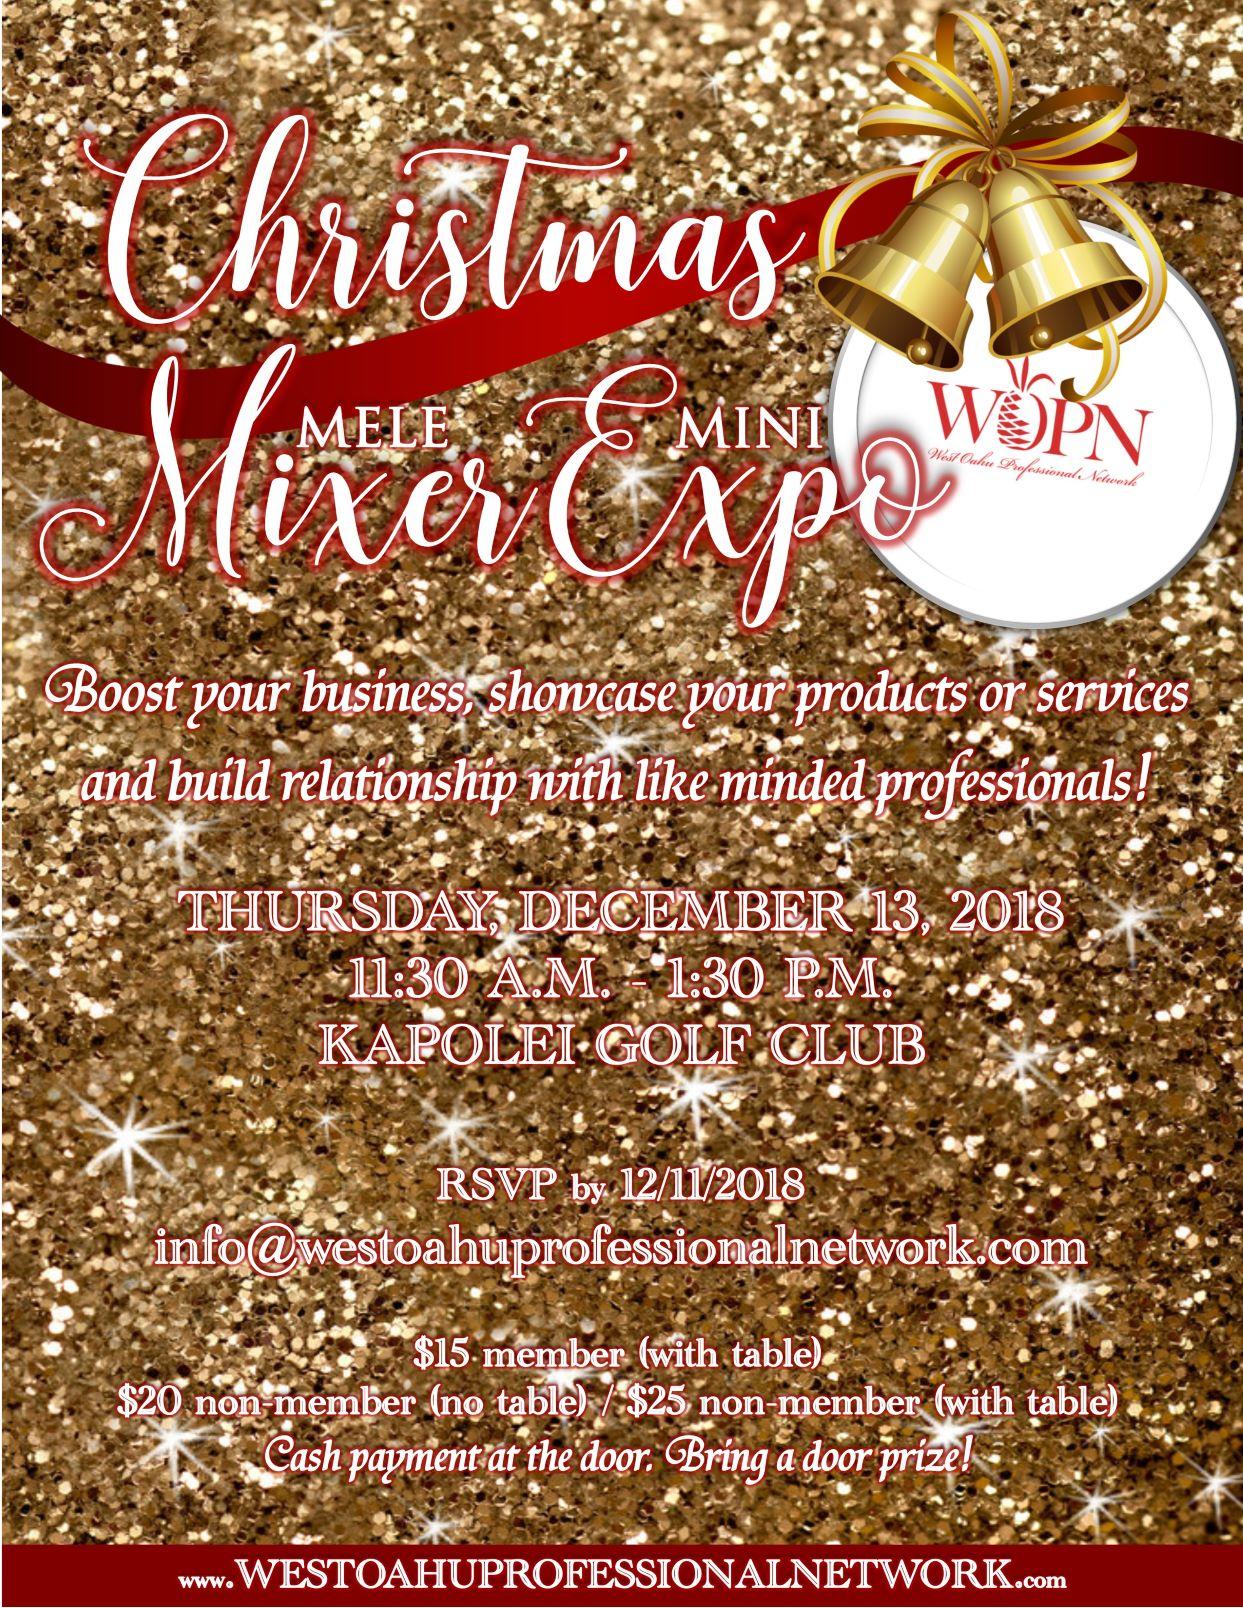 WOPN - Christmas Mixer & Expo